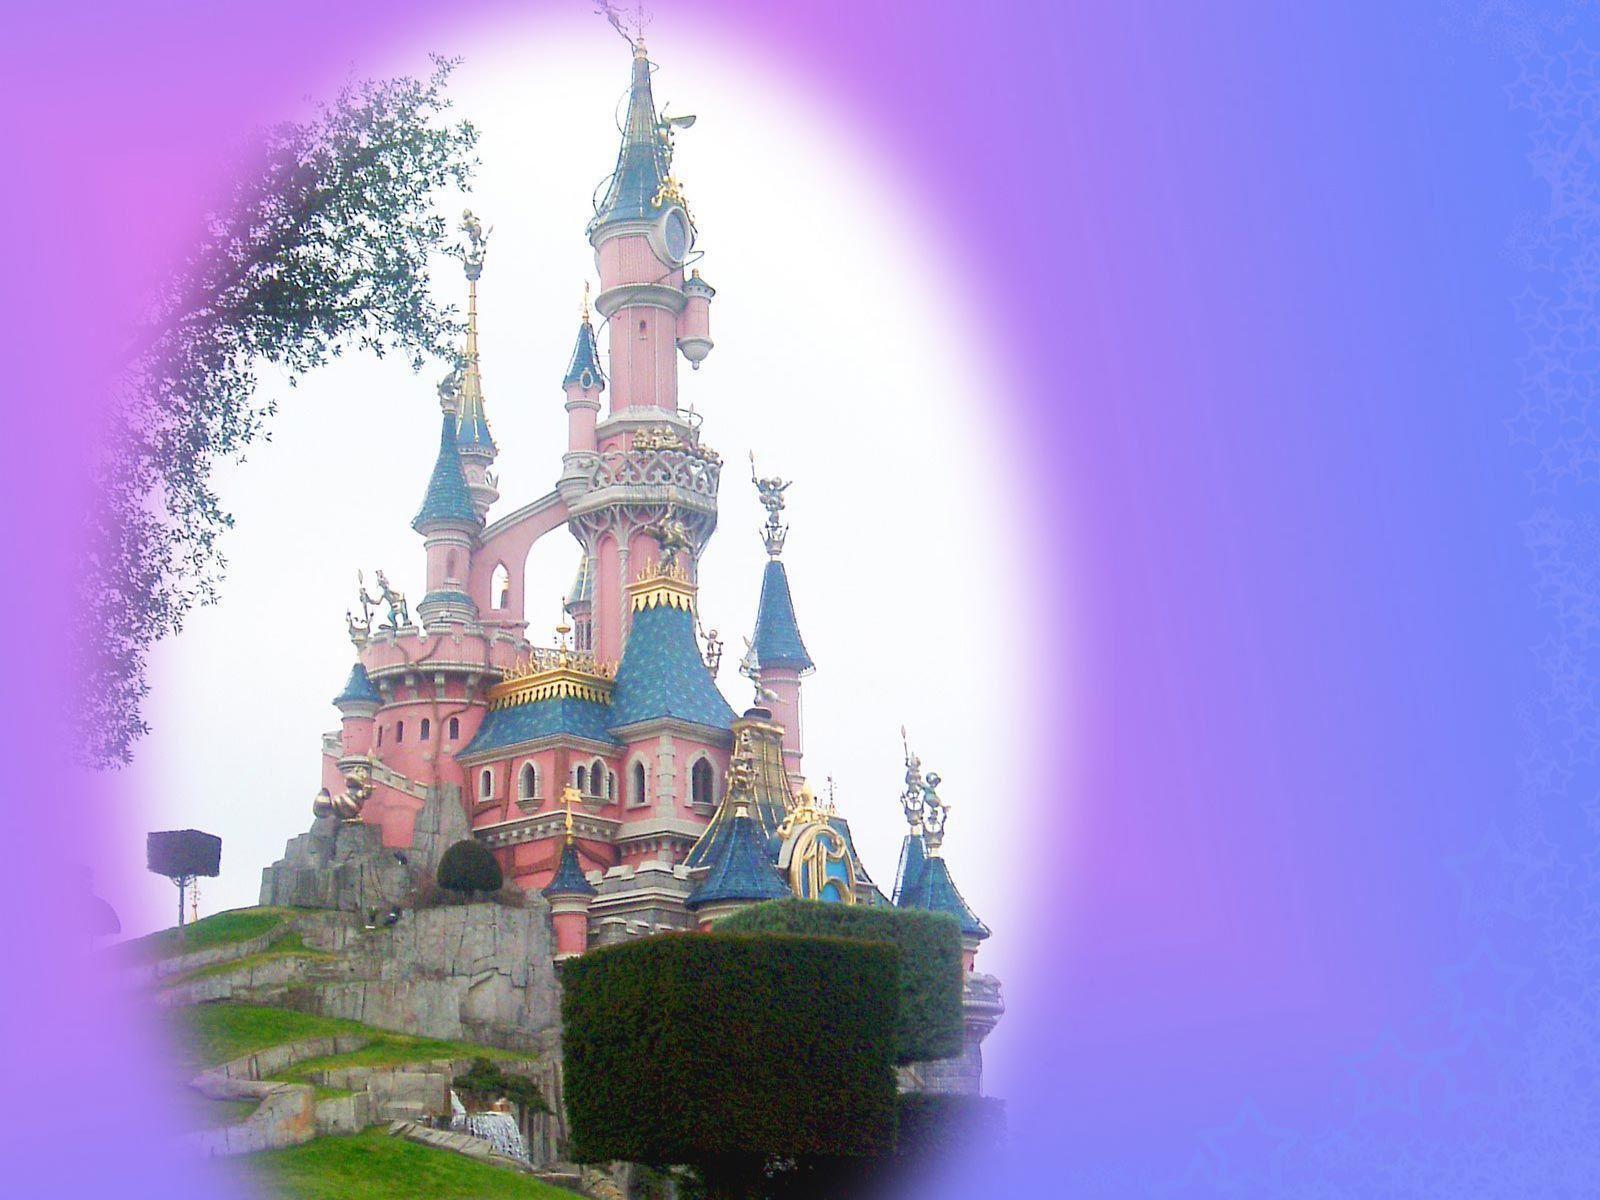 clipart disney castle - photo #46